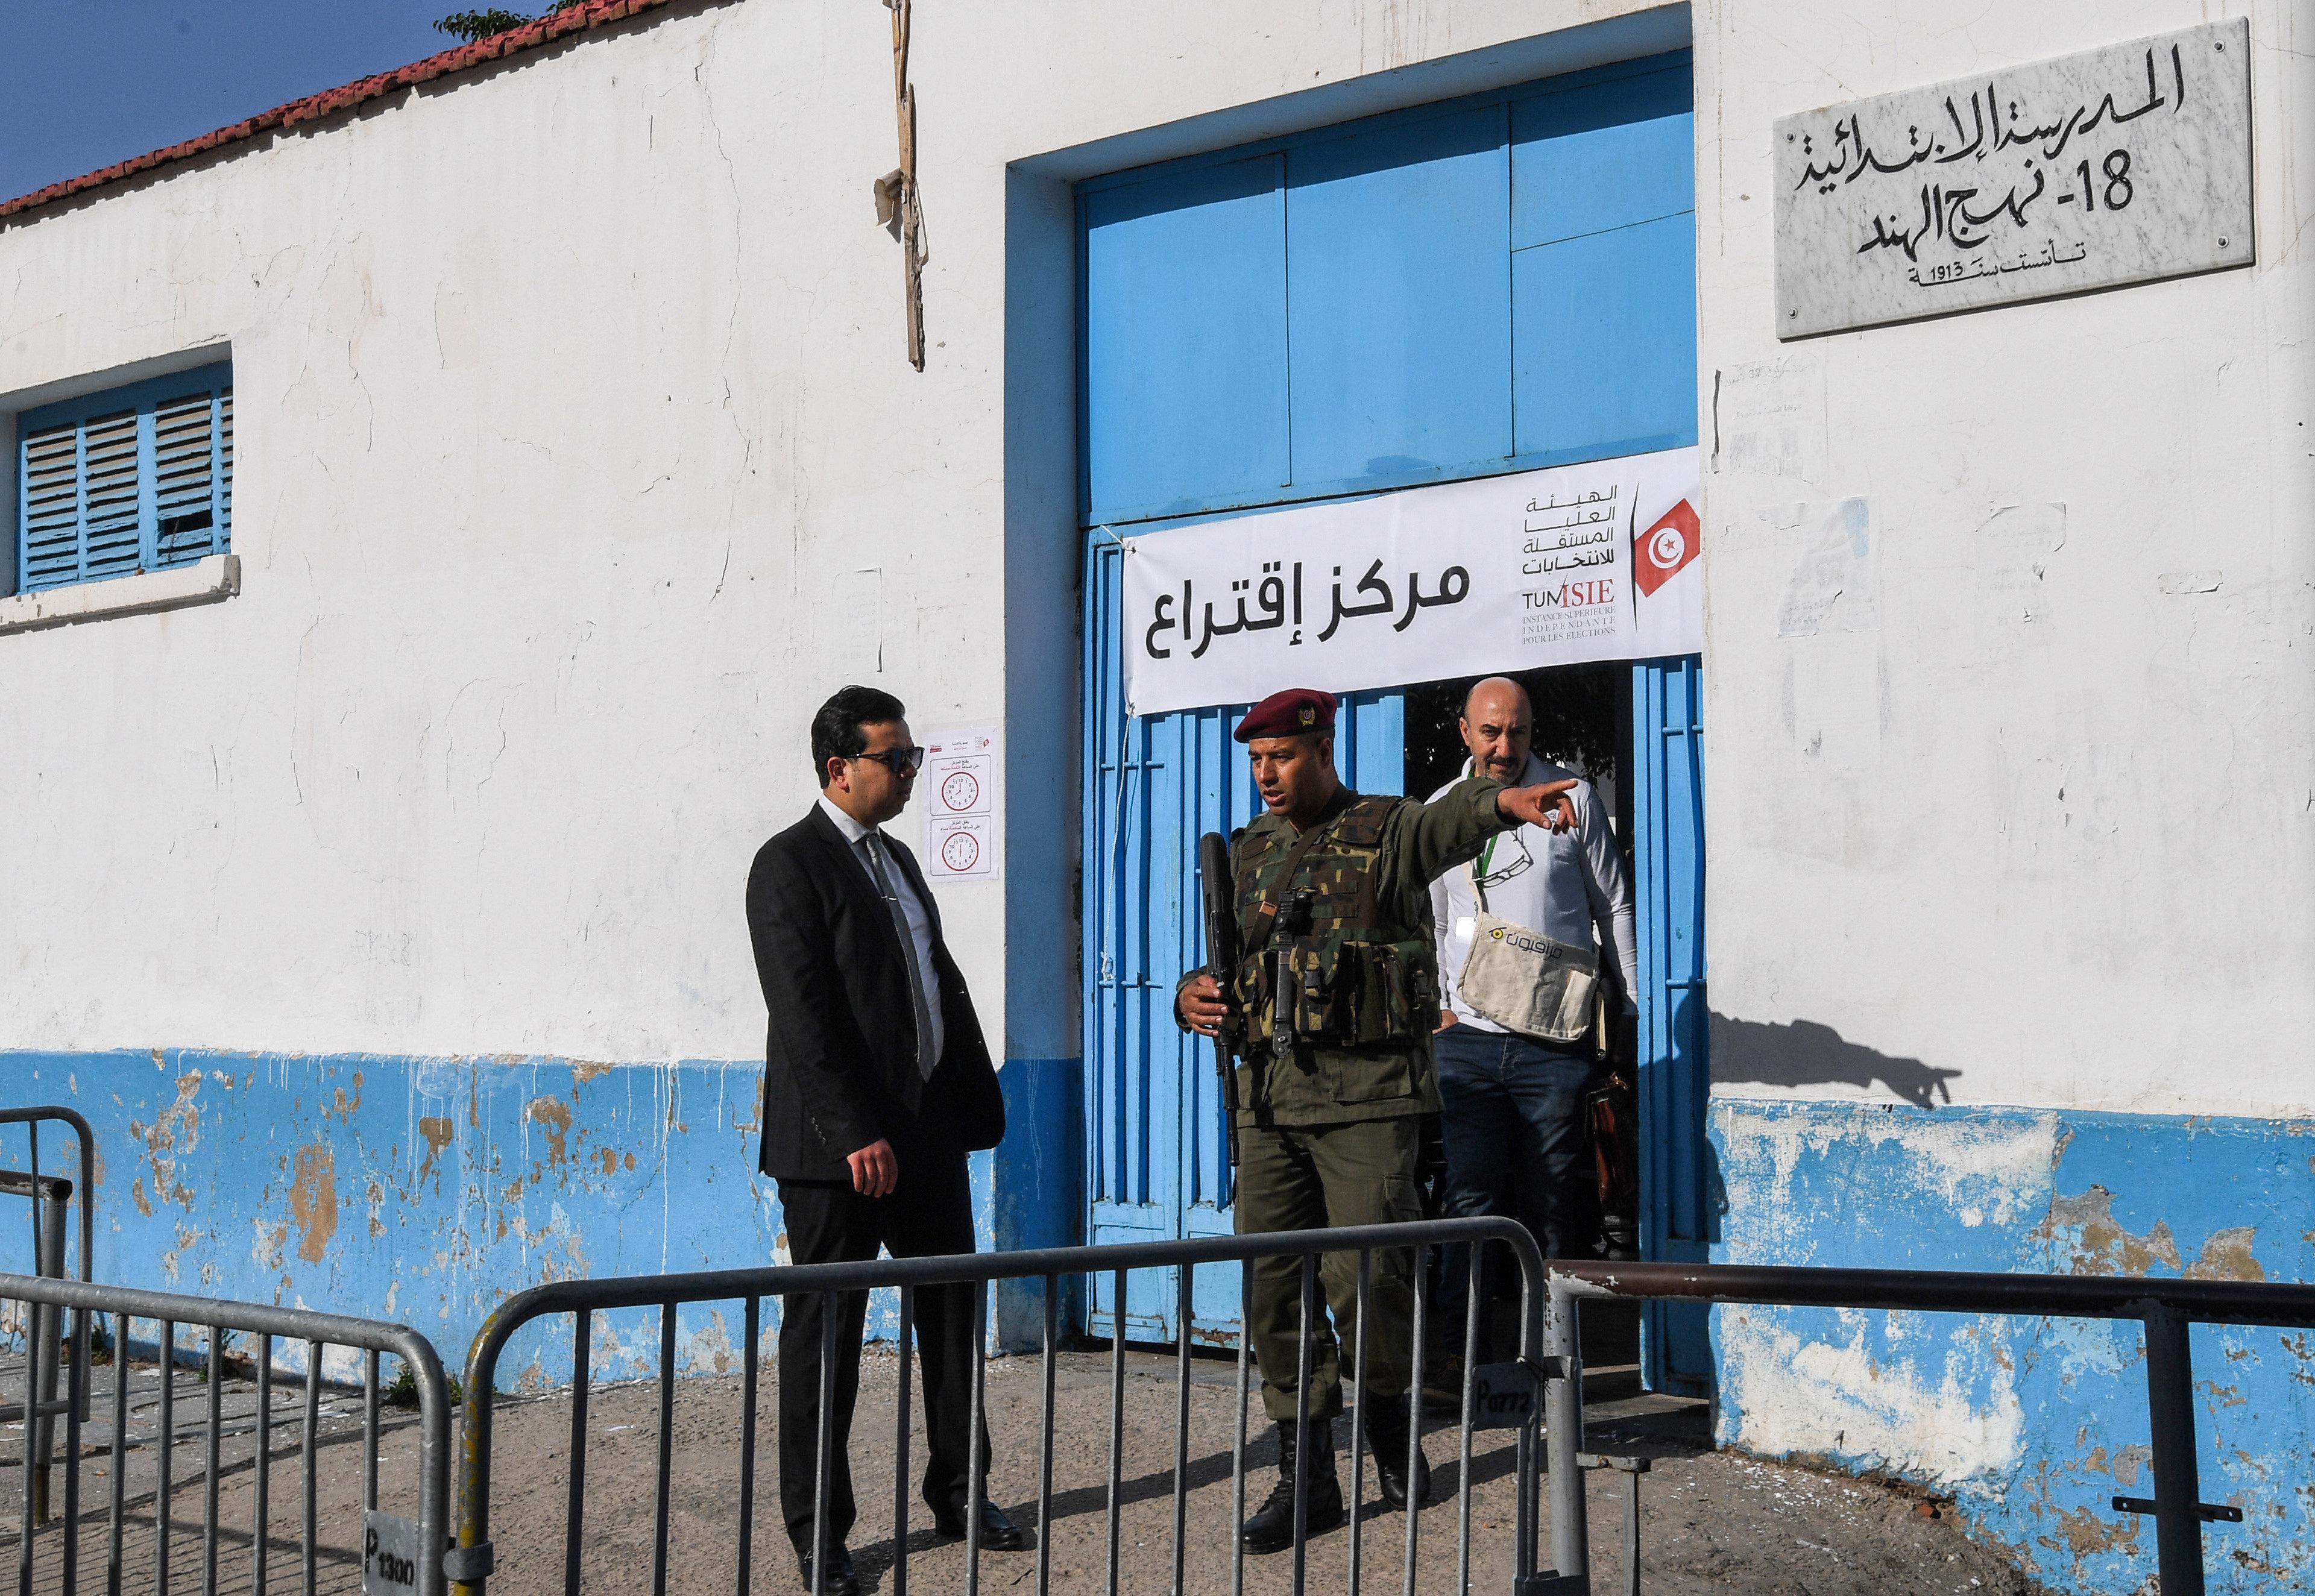 Élections municipales: Des civils se dirigent par erreur vers les bureaux de